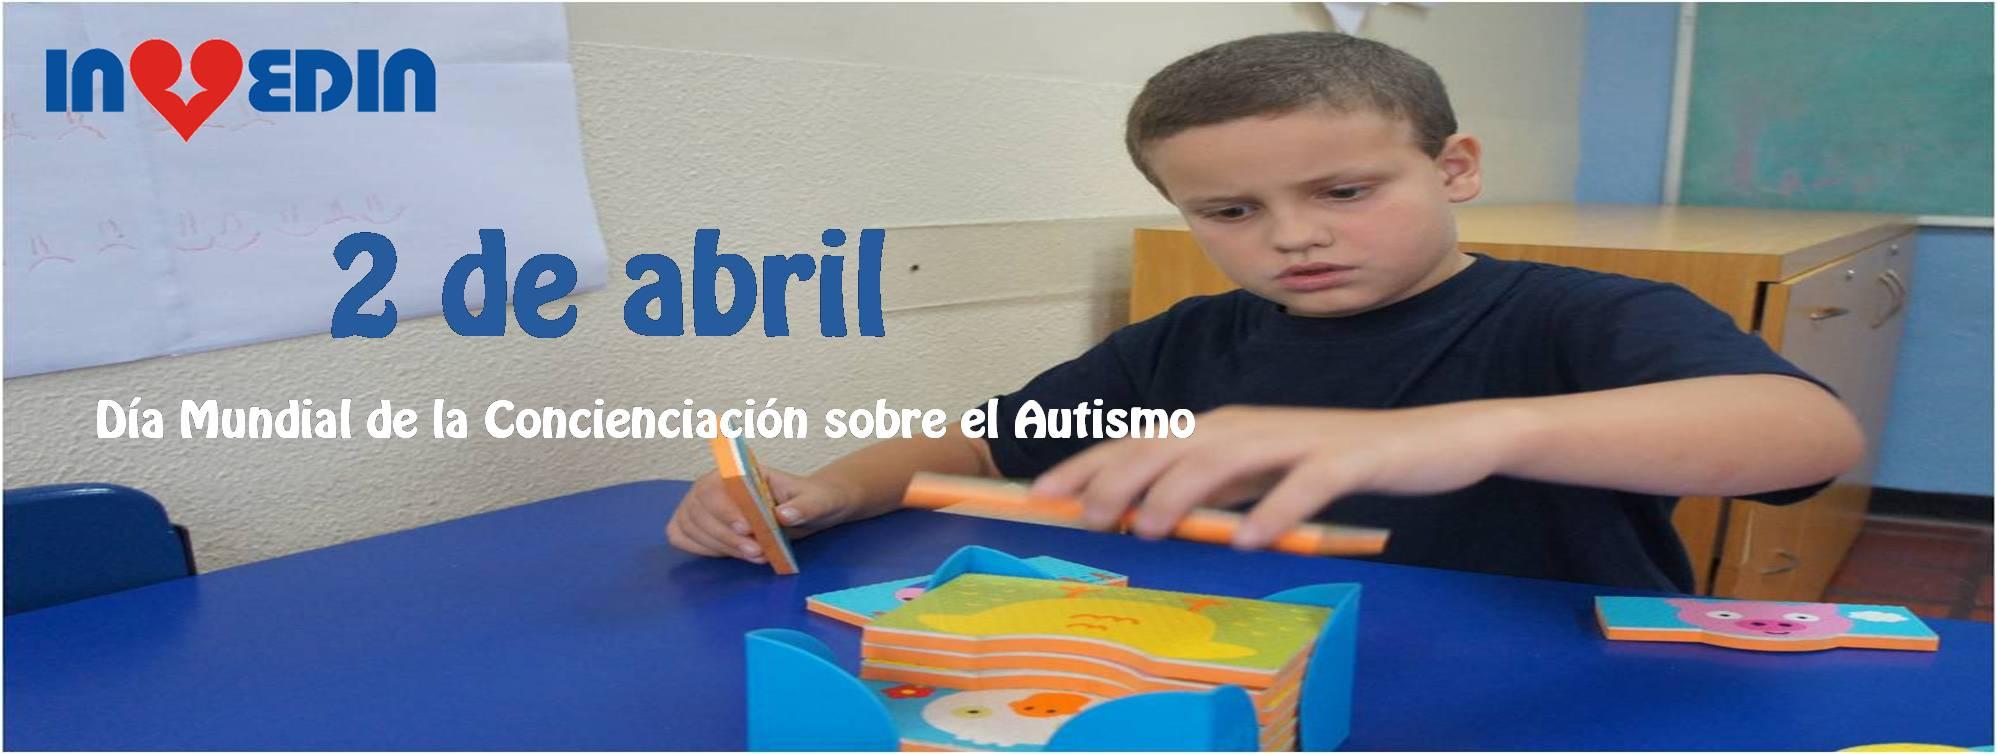 Mes de la concienciación sobre el Autismo